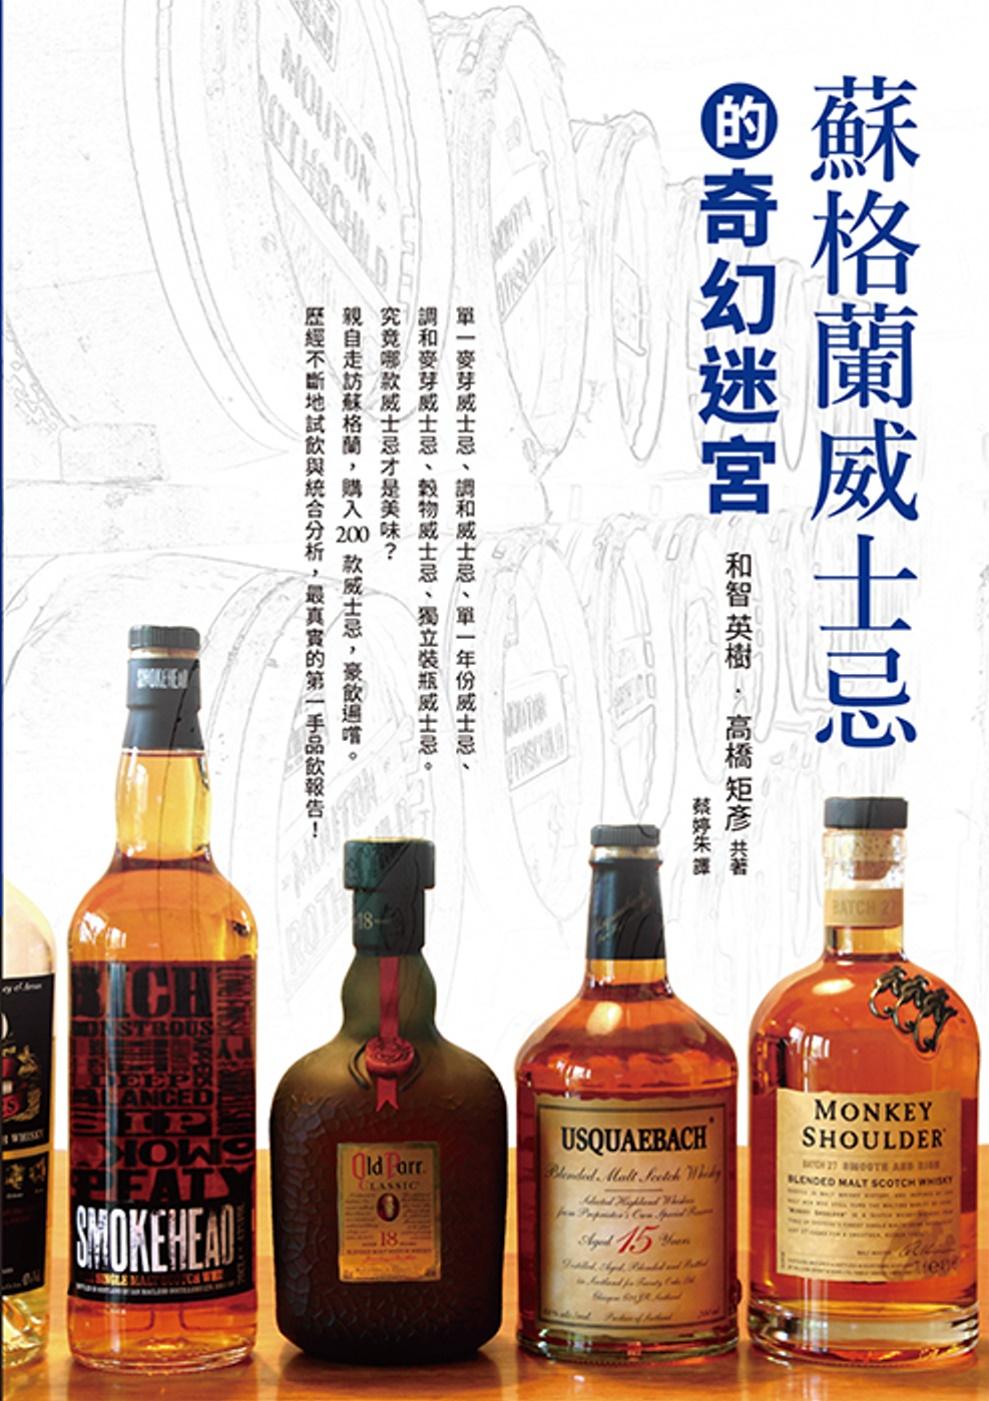 蘇格蘭威士忌的奇幻迷宮:親自走訪蘇格蘭,購入200款威士忌,豪飲遍嚐,最真實的第一手品飲報告!